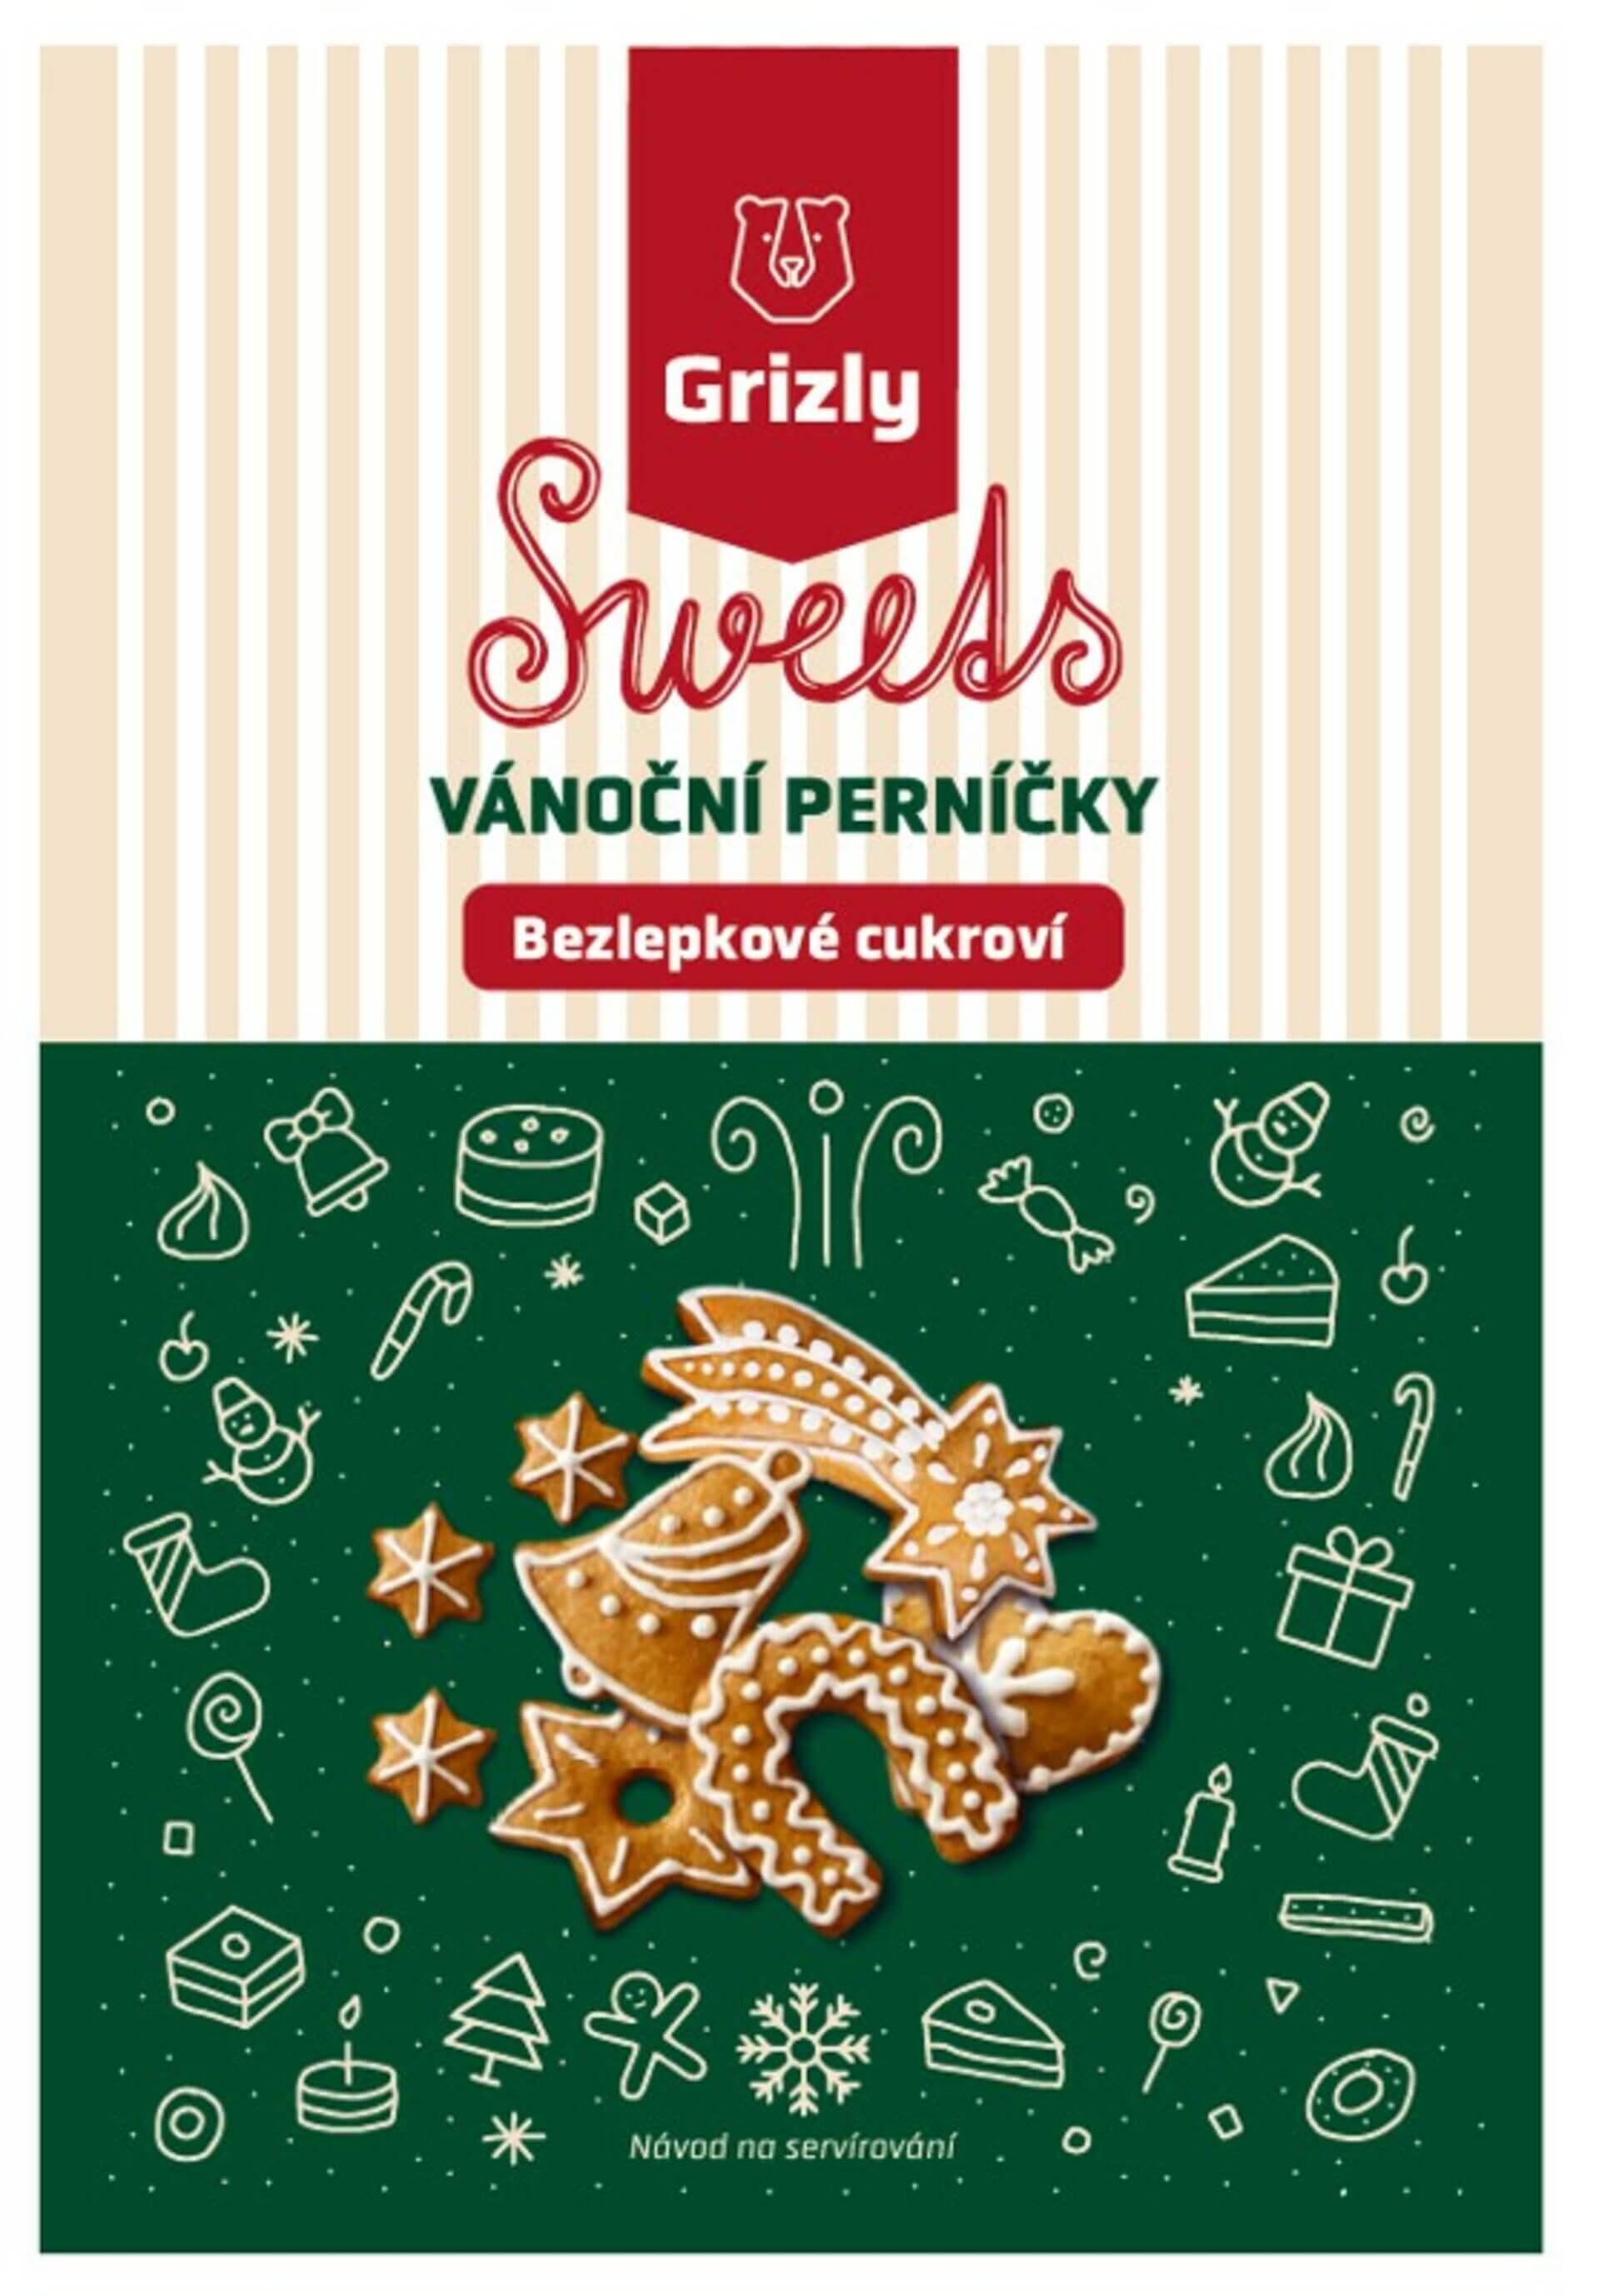 GRIZLY Sweets Směs na vánoční perníčky bezlepkové 560 g